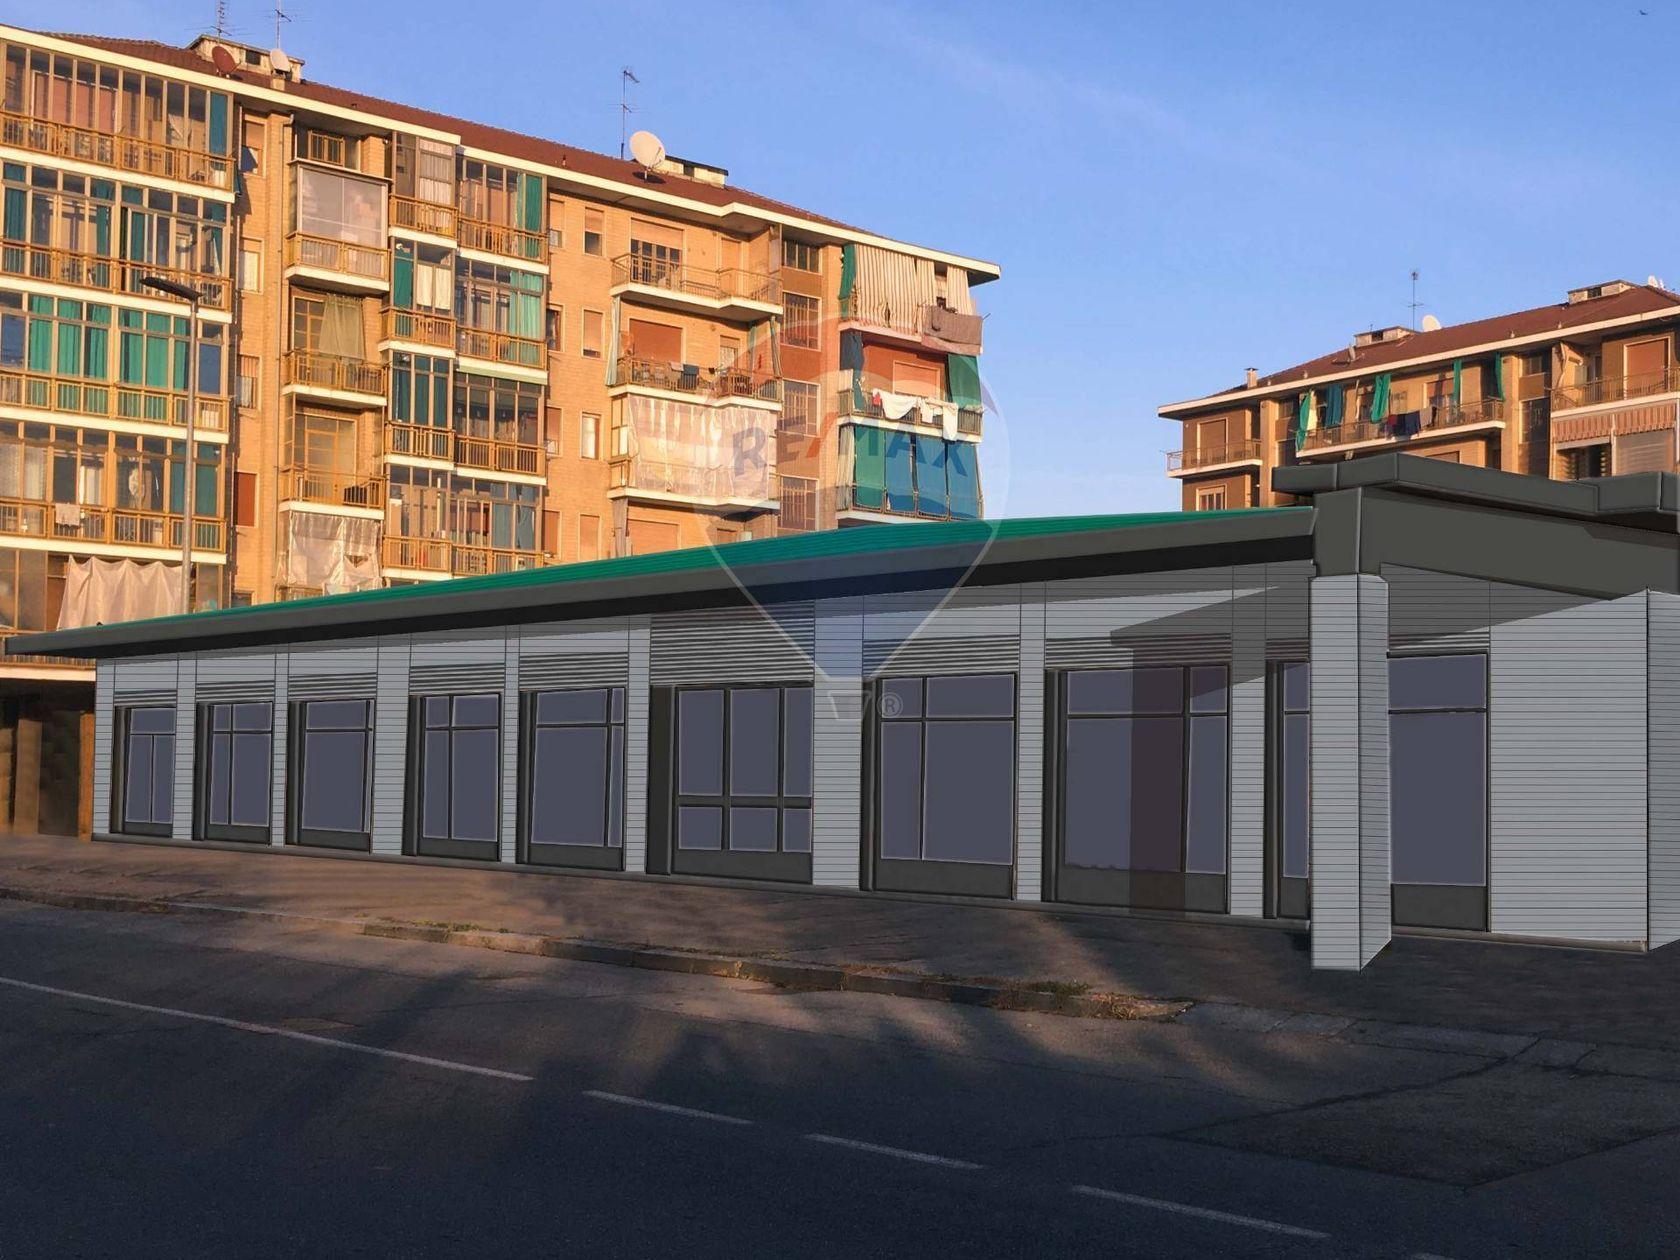 Attività Commerciale Mirafiori sud, Torino, TO Affitto